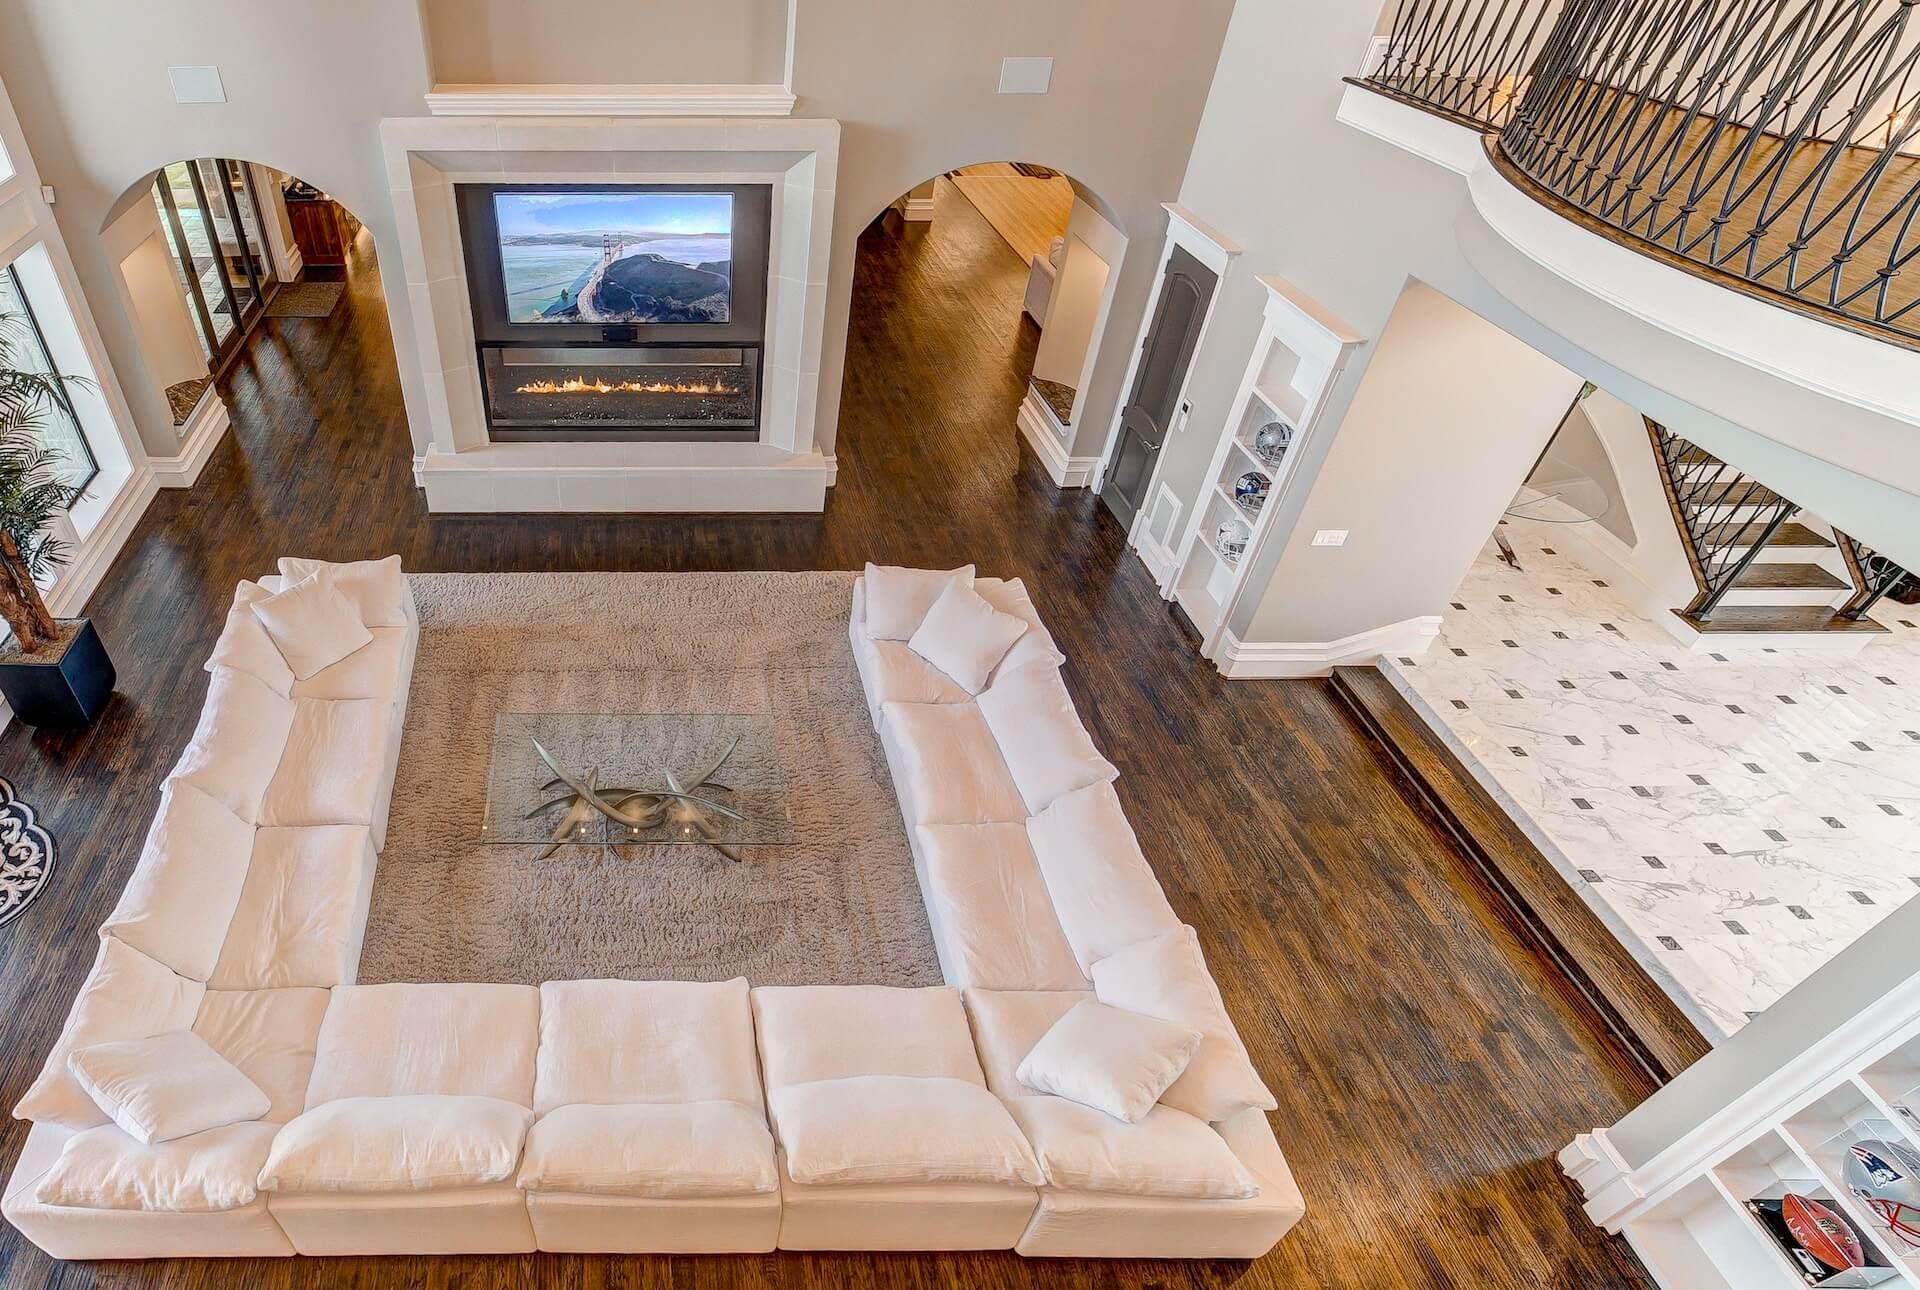 Feuerschale Fur Die Wohnung Test Tischkamine Terassenfeuer Balkon